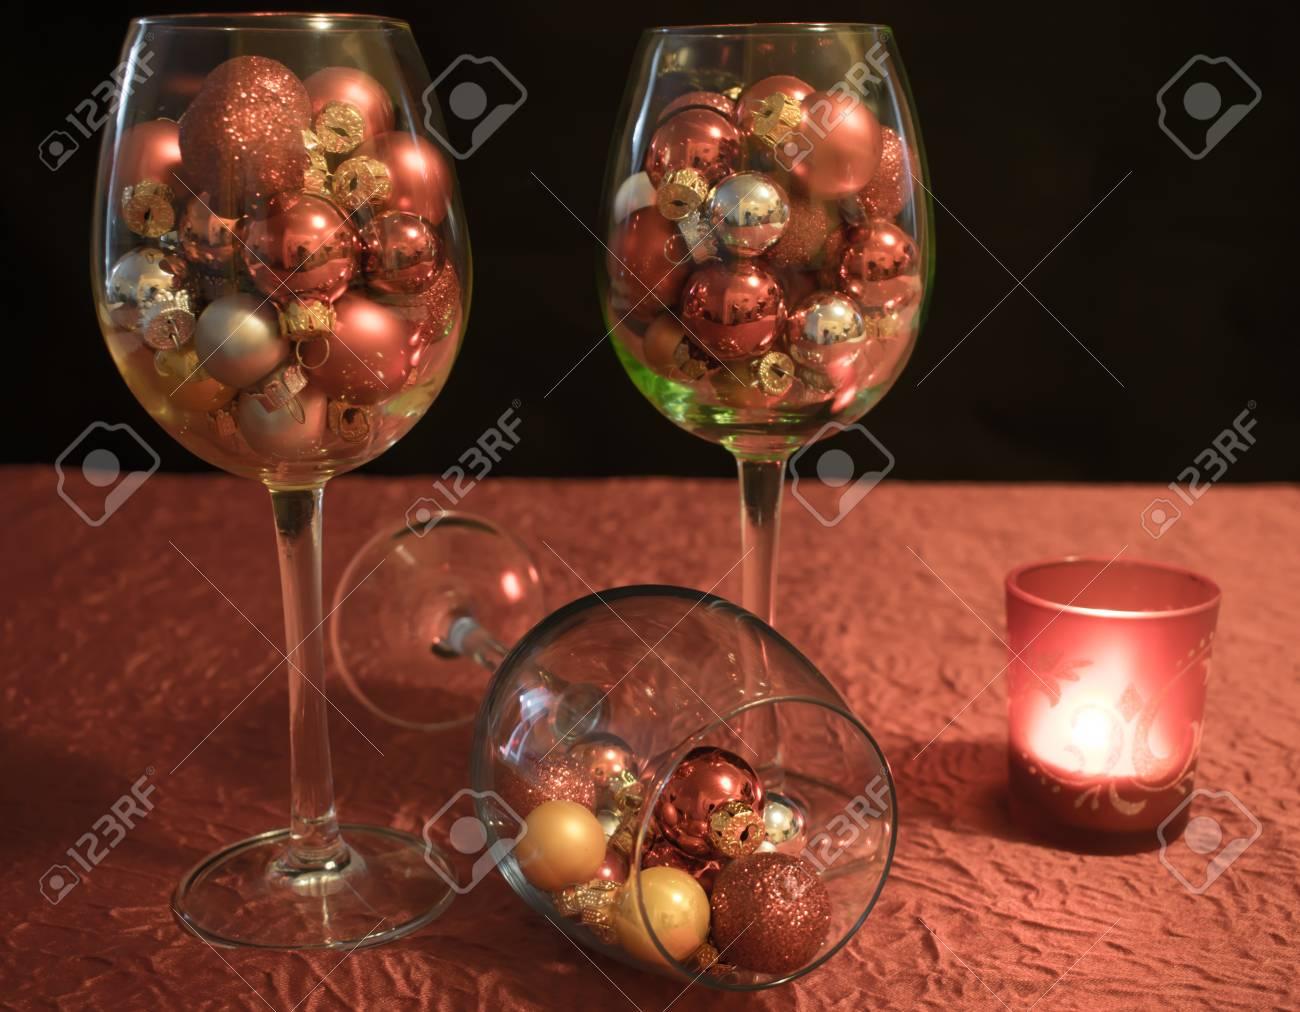 Weihnachten Weingläser Mit Weihnachtskugeln Und Kerze Lizenzfreie